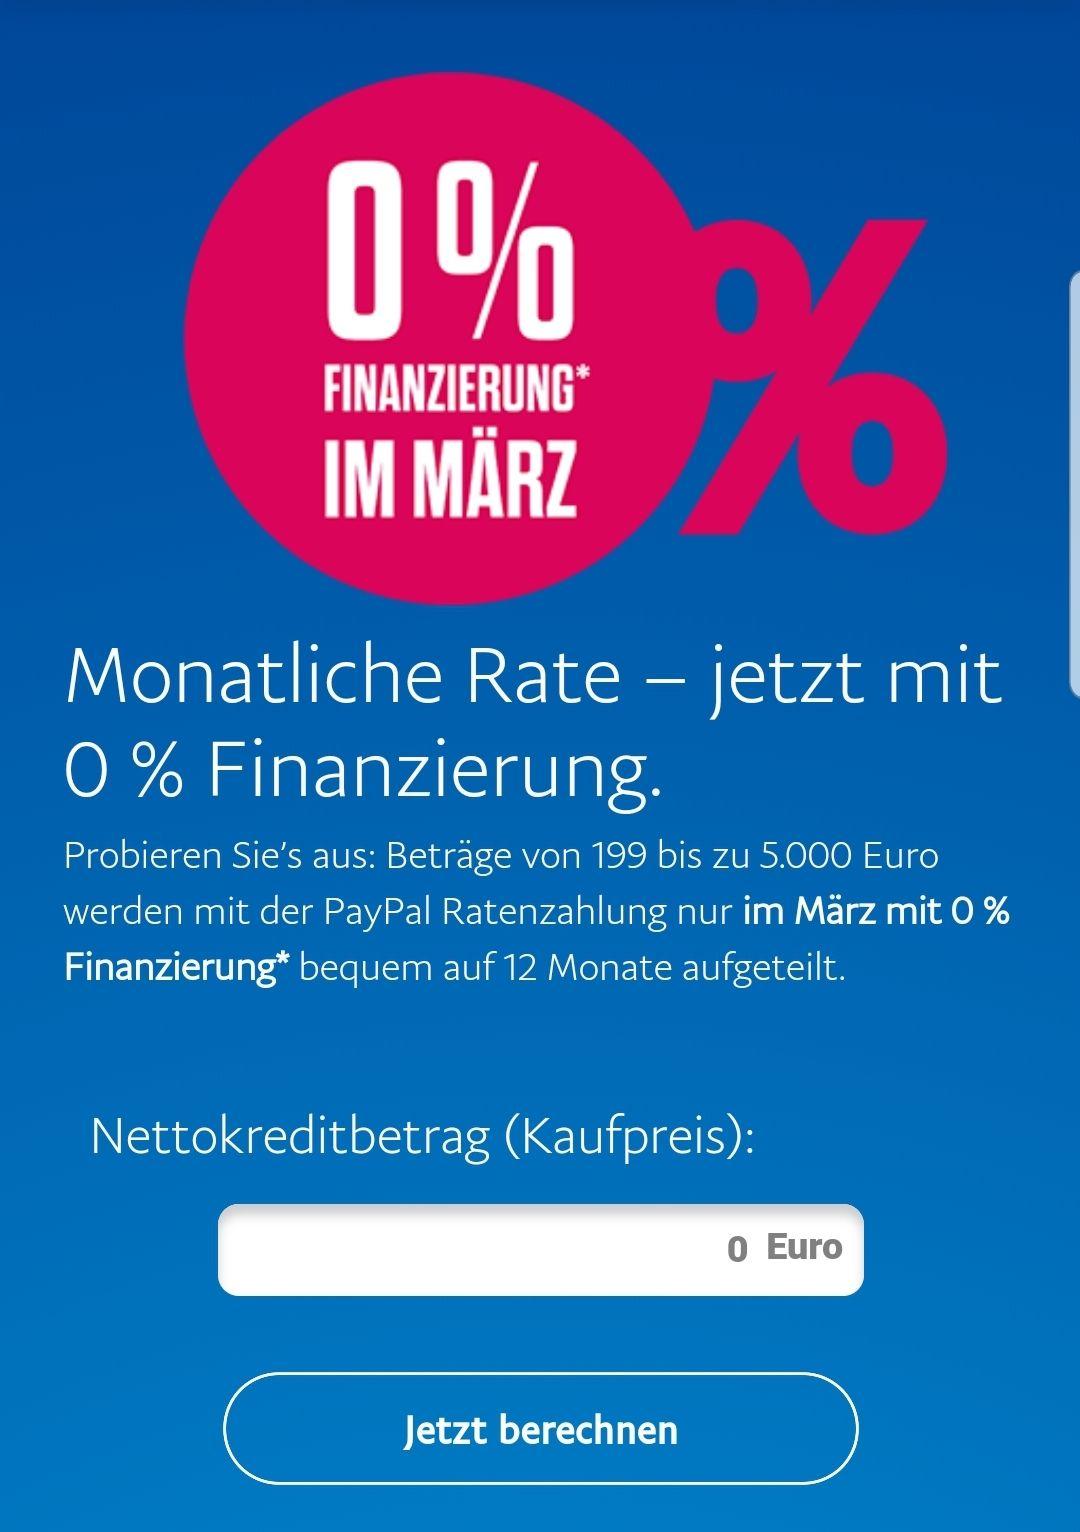 [PayPal] 0% - Finanzierung für 12 Monate- nur im März